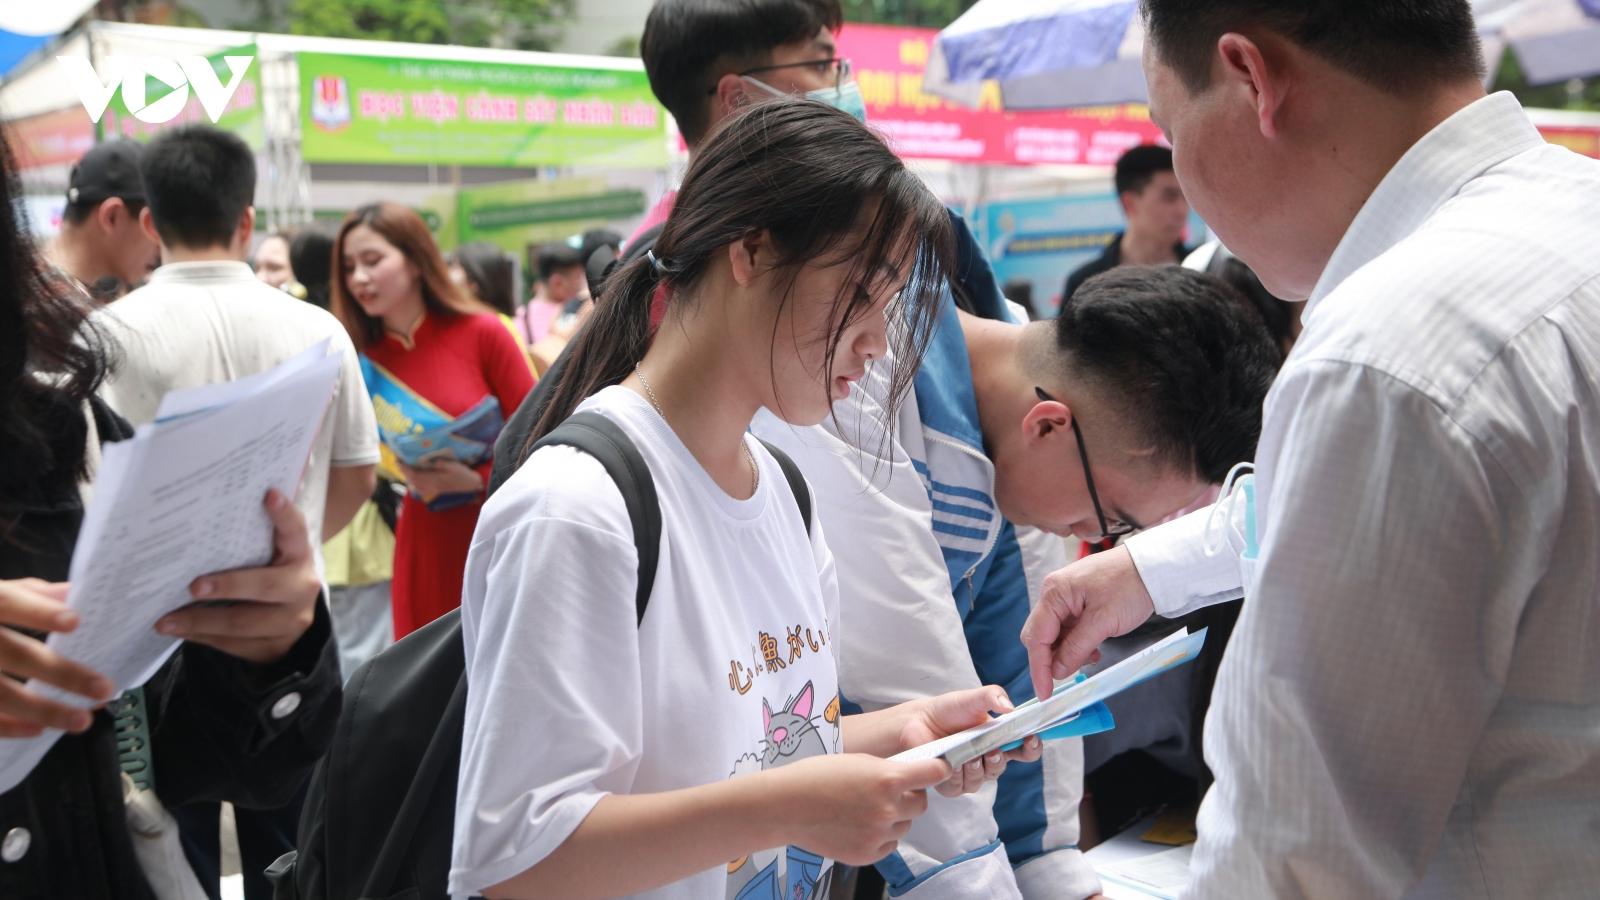 Thi vào 10 ở Hà Nội: Mỗi thí sinh đăng ký tối đa 15 nguyện vọng, không được thay đổi